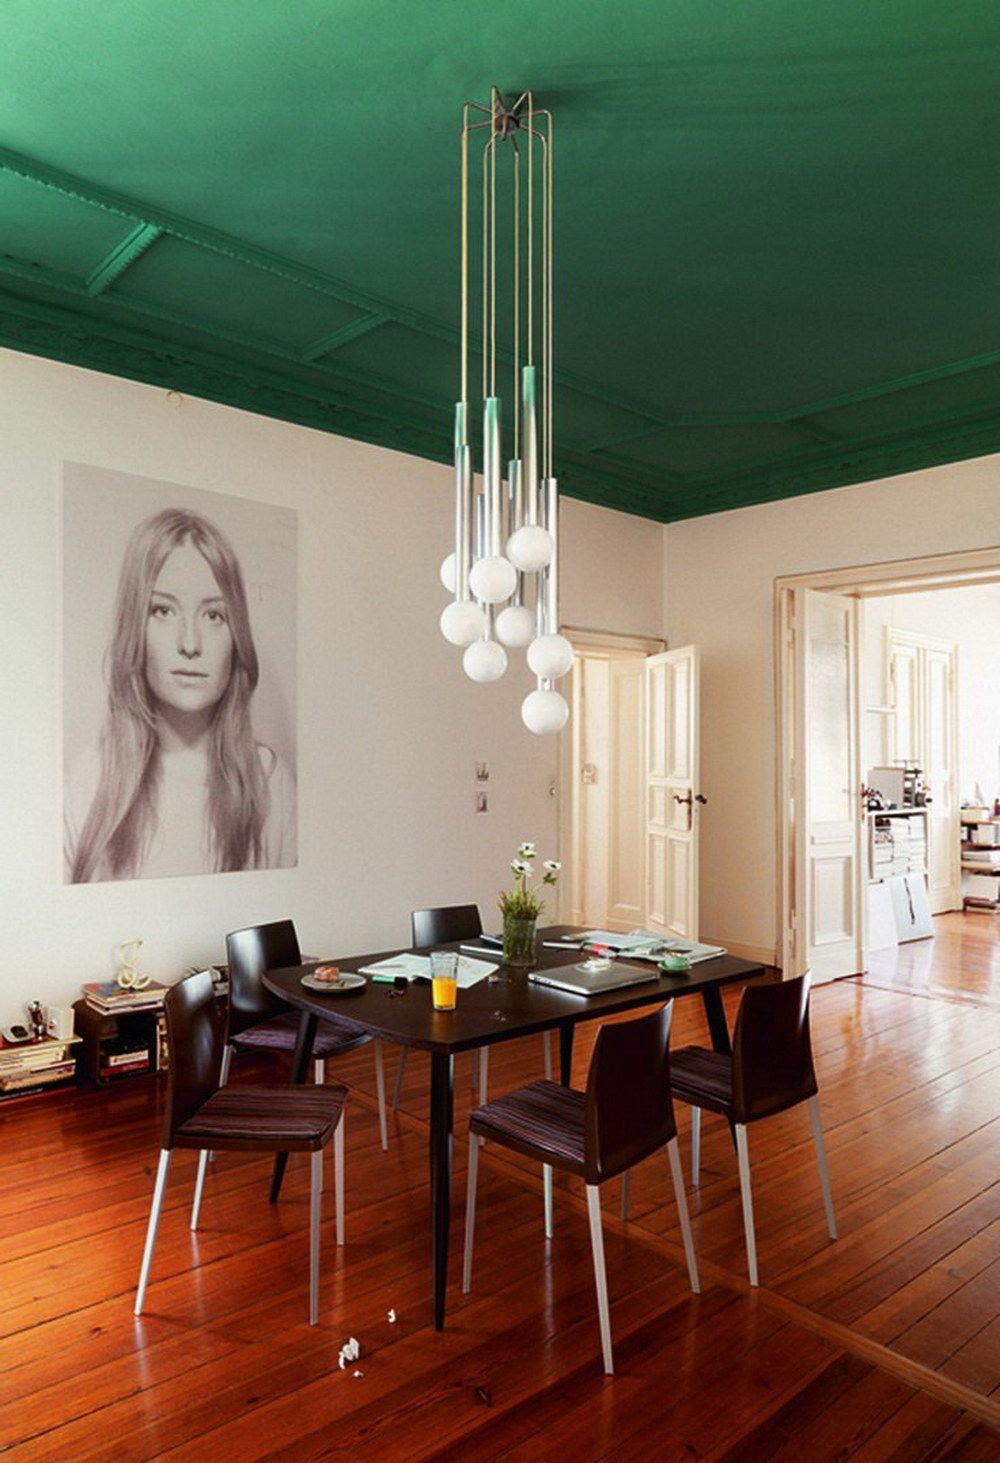 Combinaison intéressante de plafond vert avec des murs blancs et un parquet marron